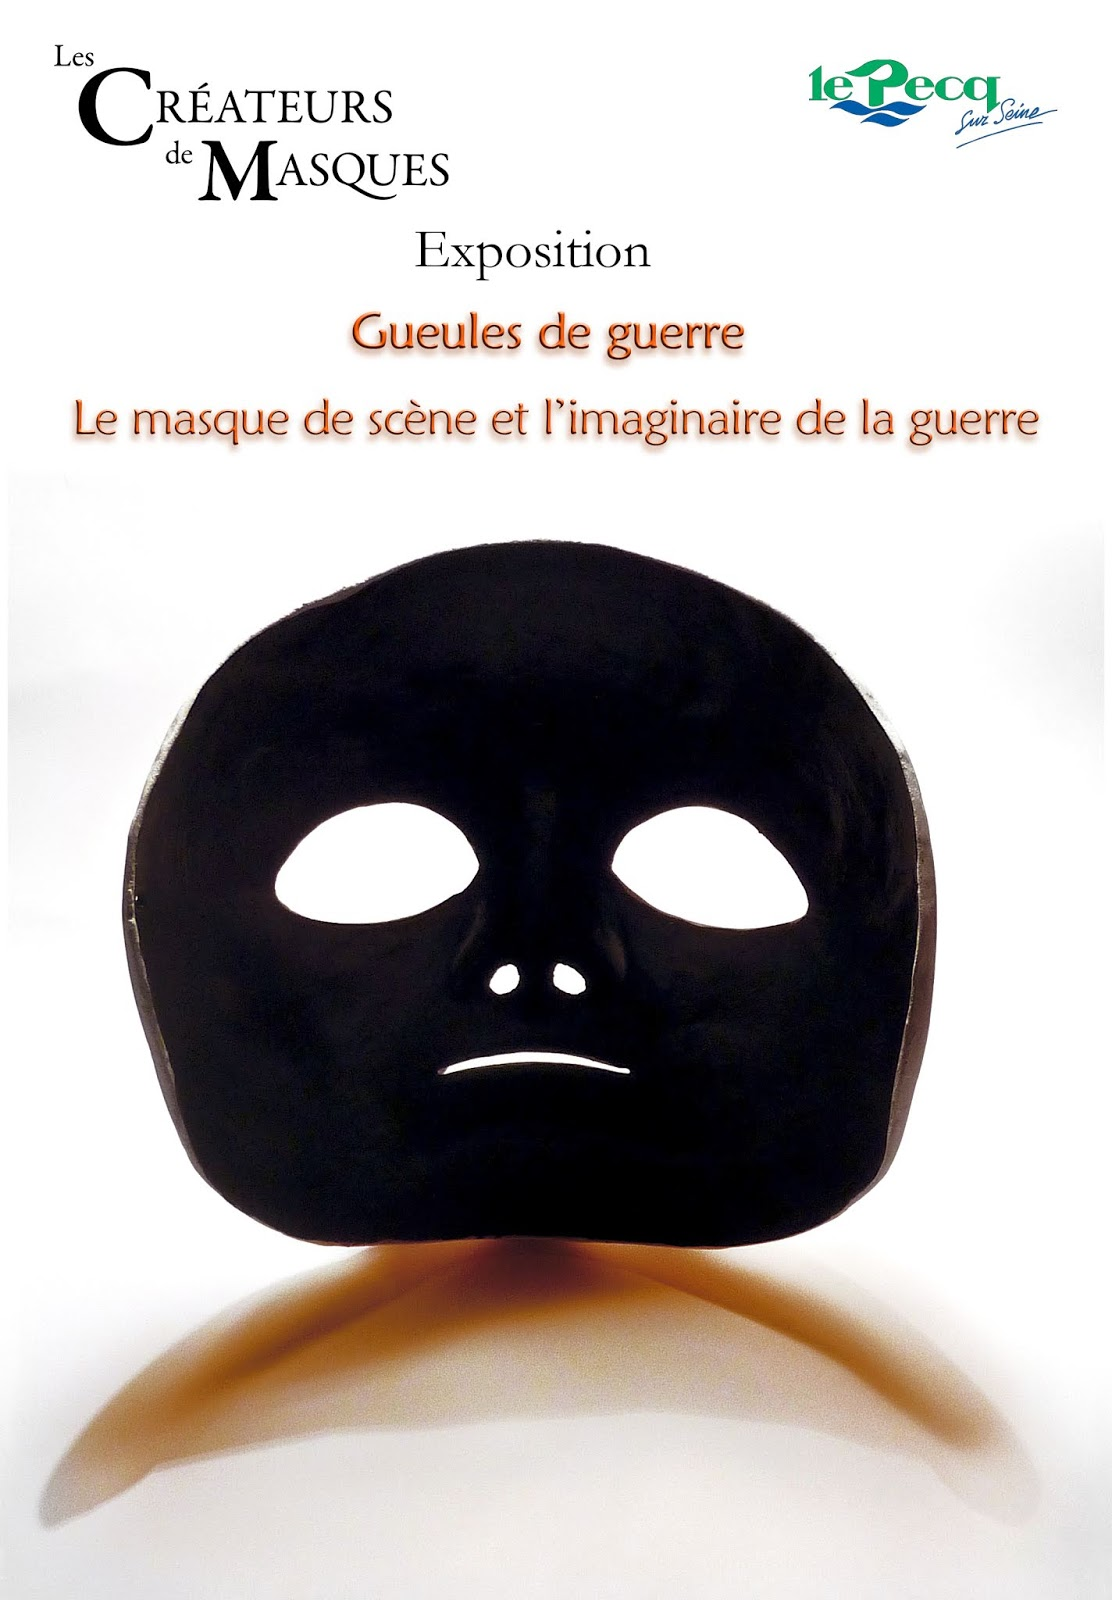 Quai Maurice Berteaux 78230 Le Pecq alaric chagnard - sculpteur de masques: 2018 - novembre